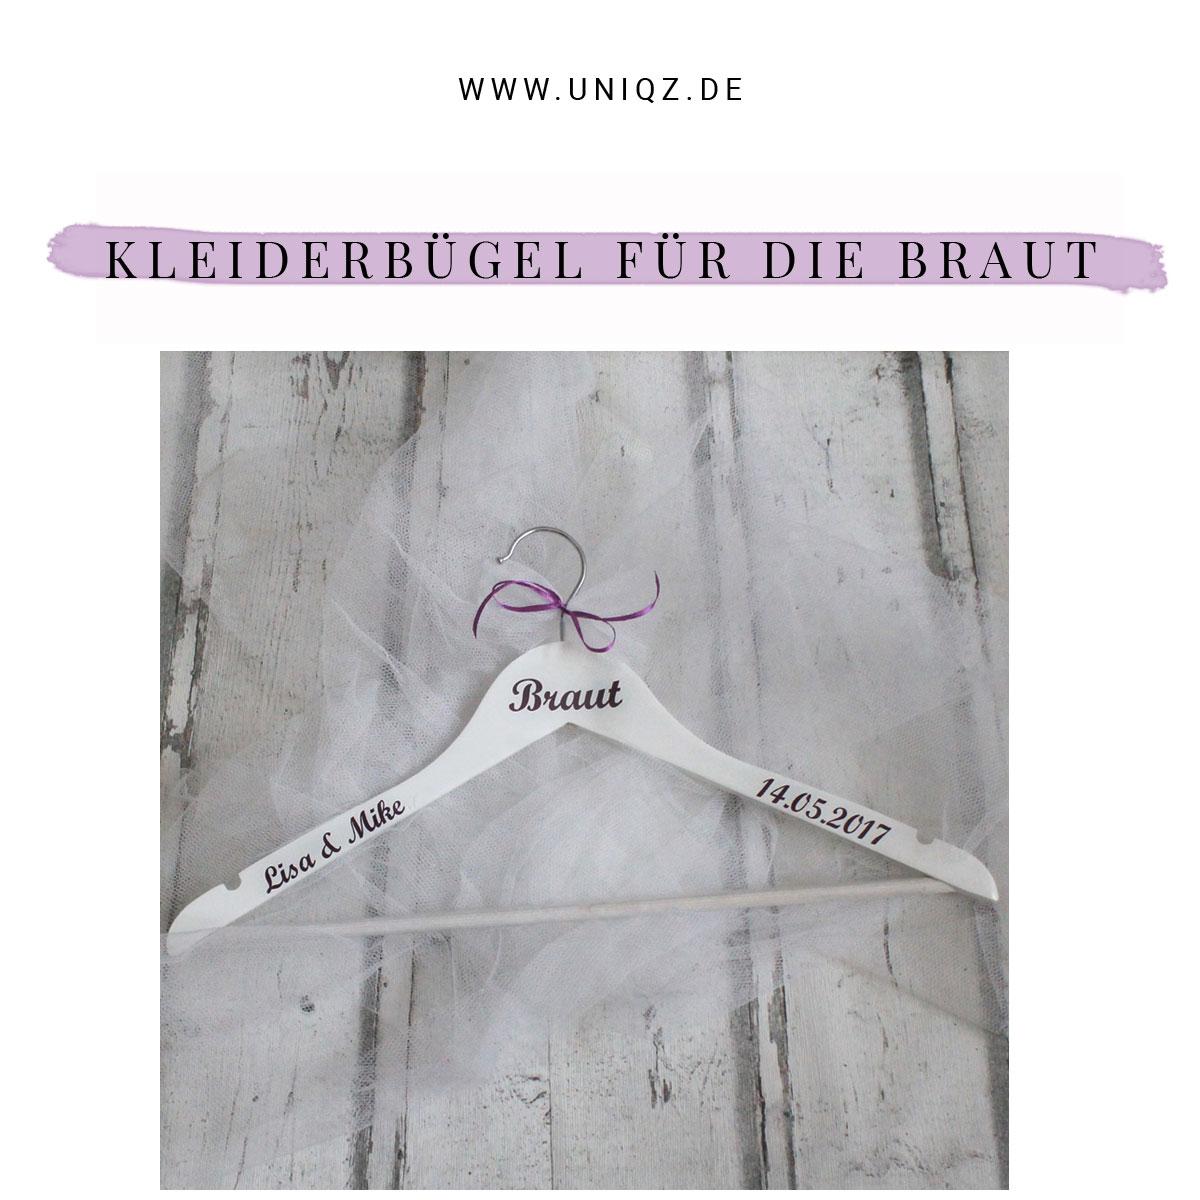 Neu bei Uniqz: Hochzeits-Kleiderbügel